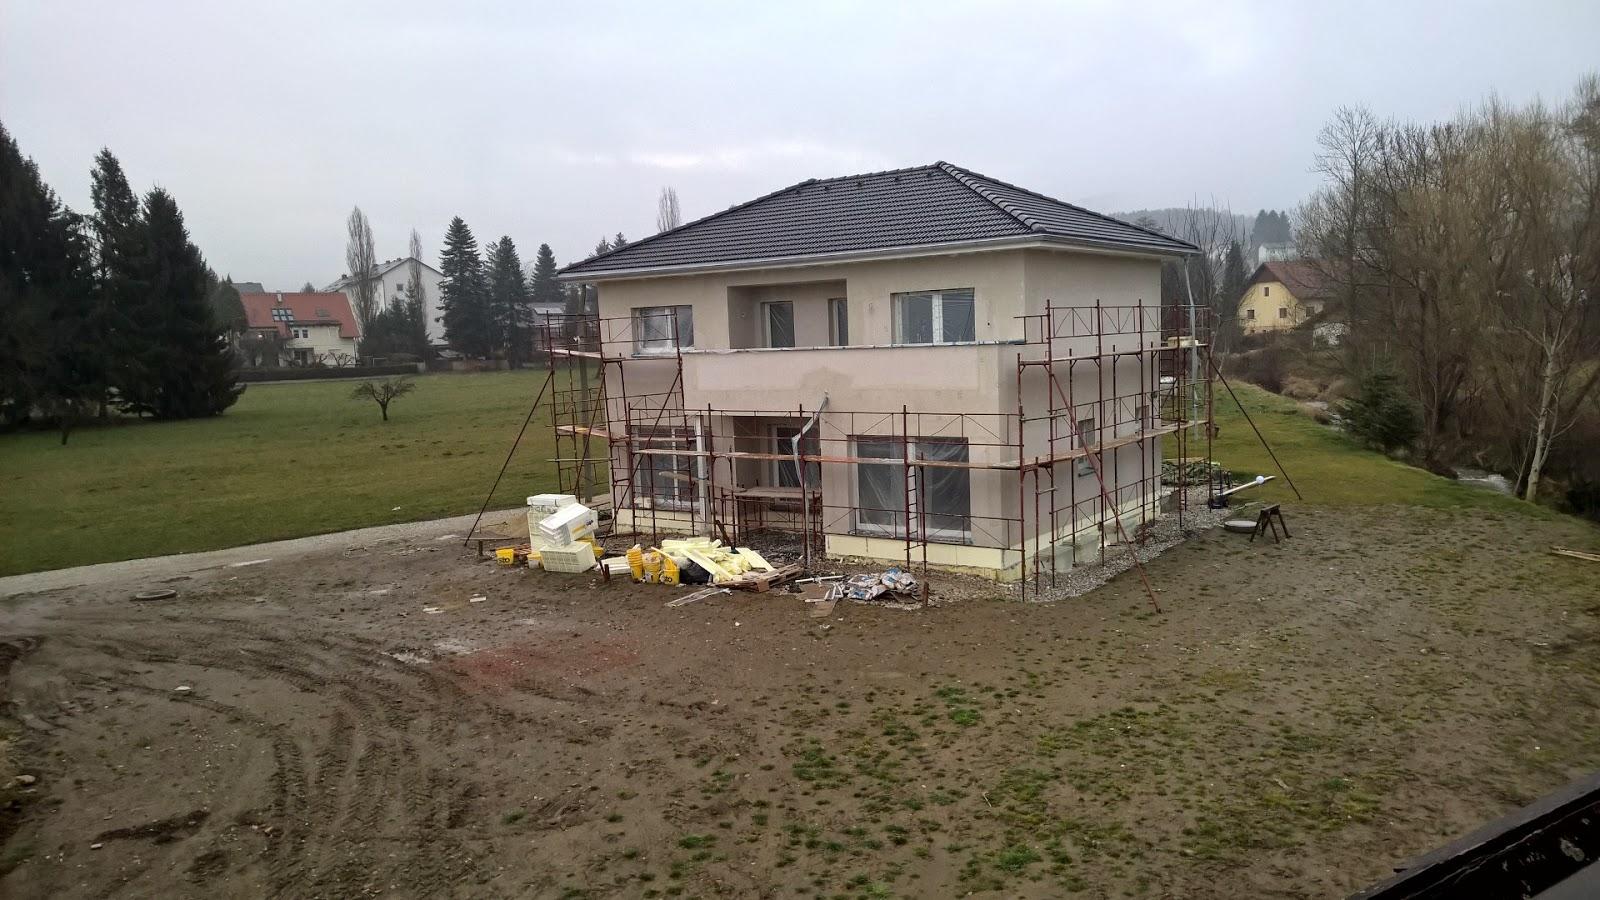 Entzückend Hanlo Haus Dekoration Von Heute Gingen Die Arbeiten An Der Fassade